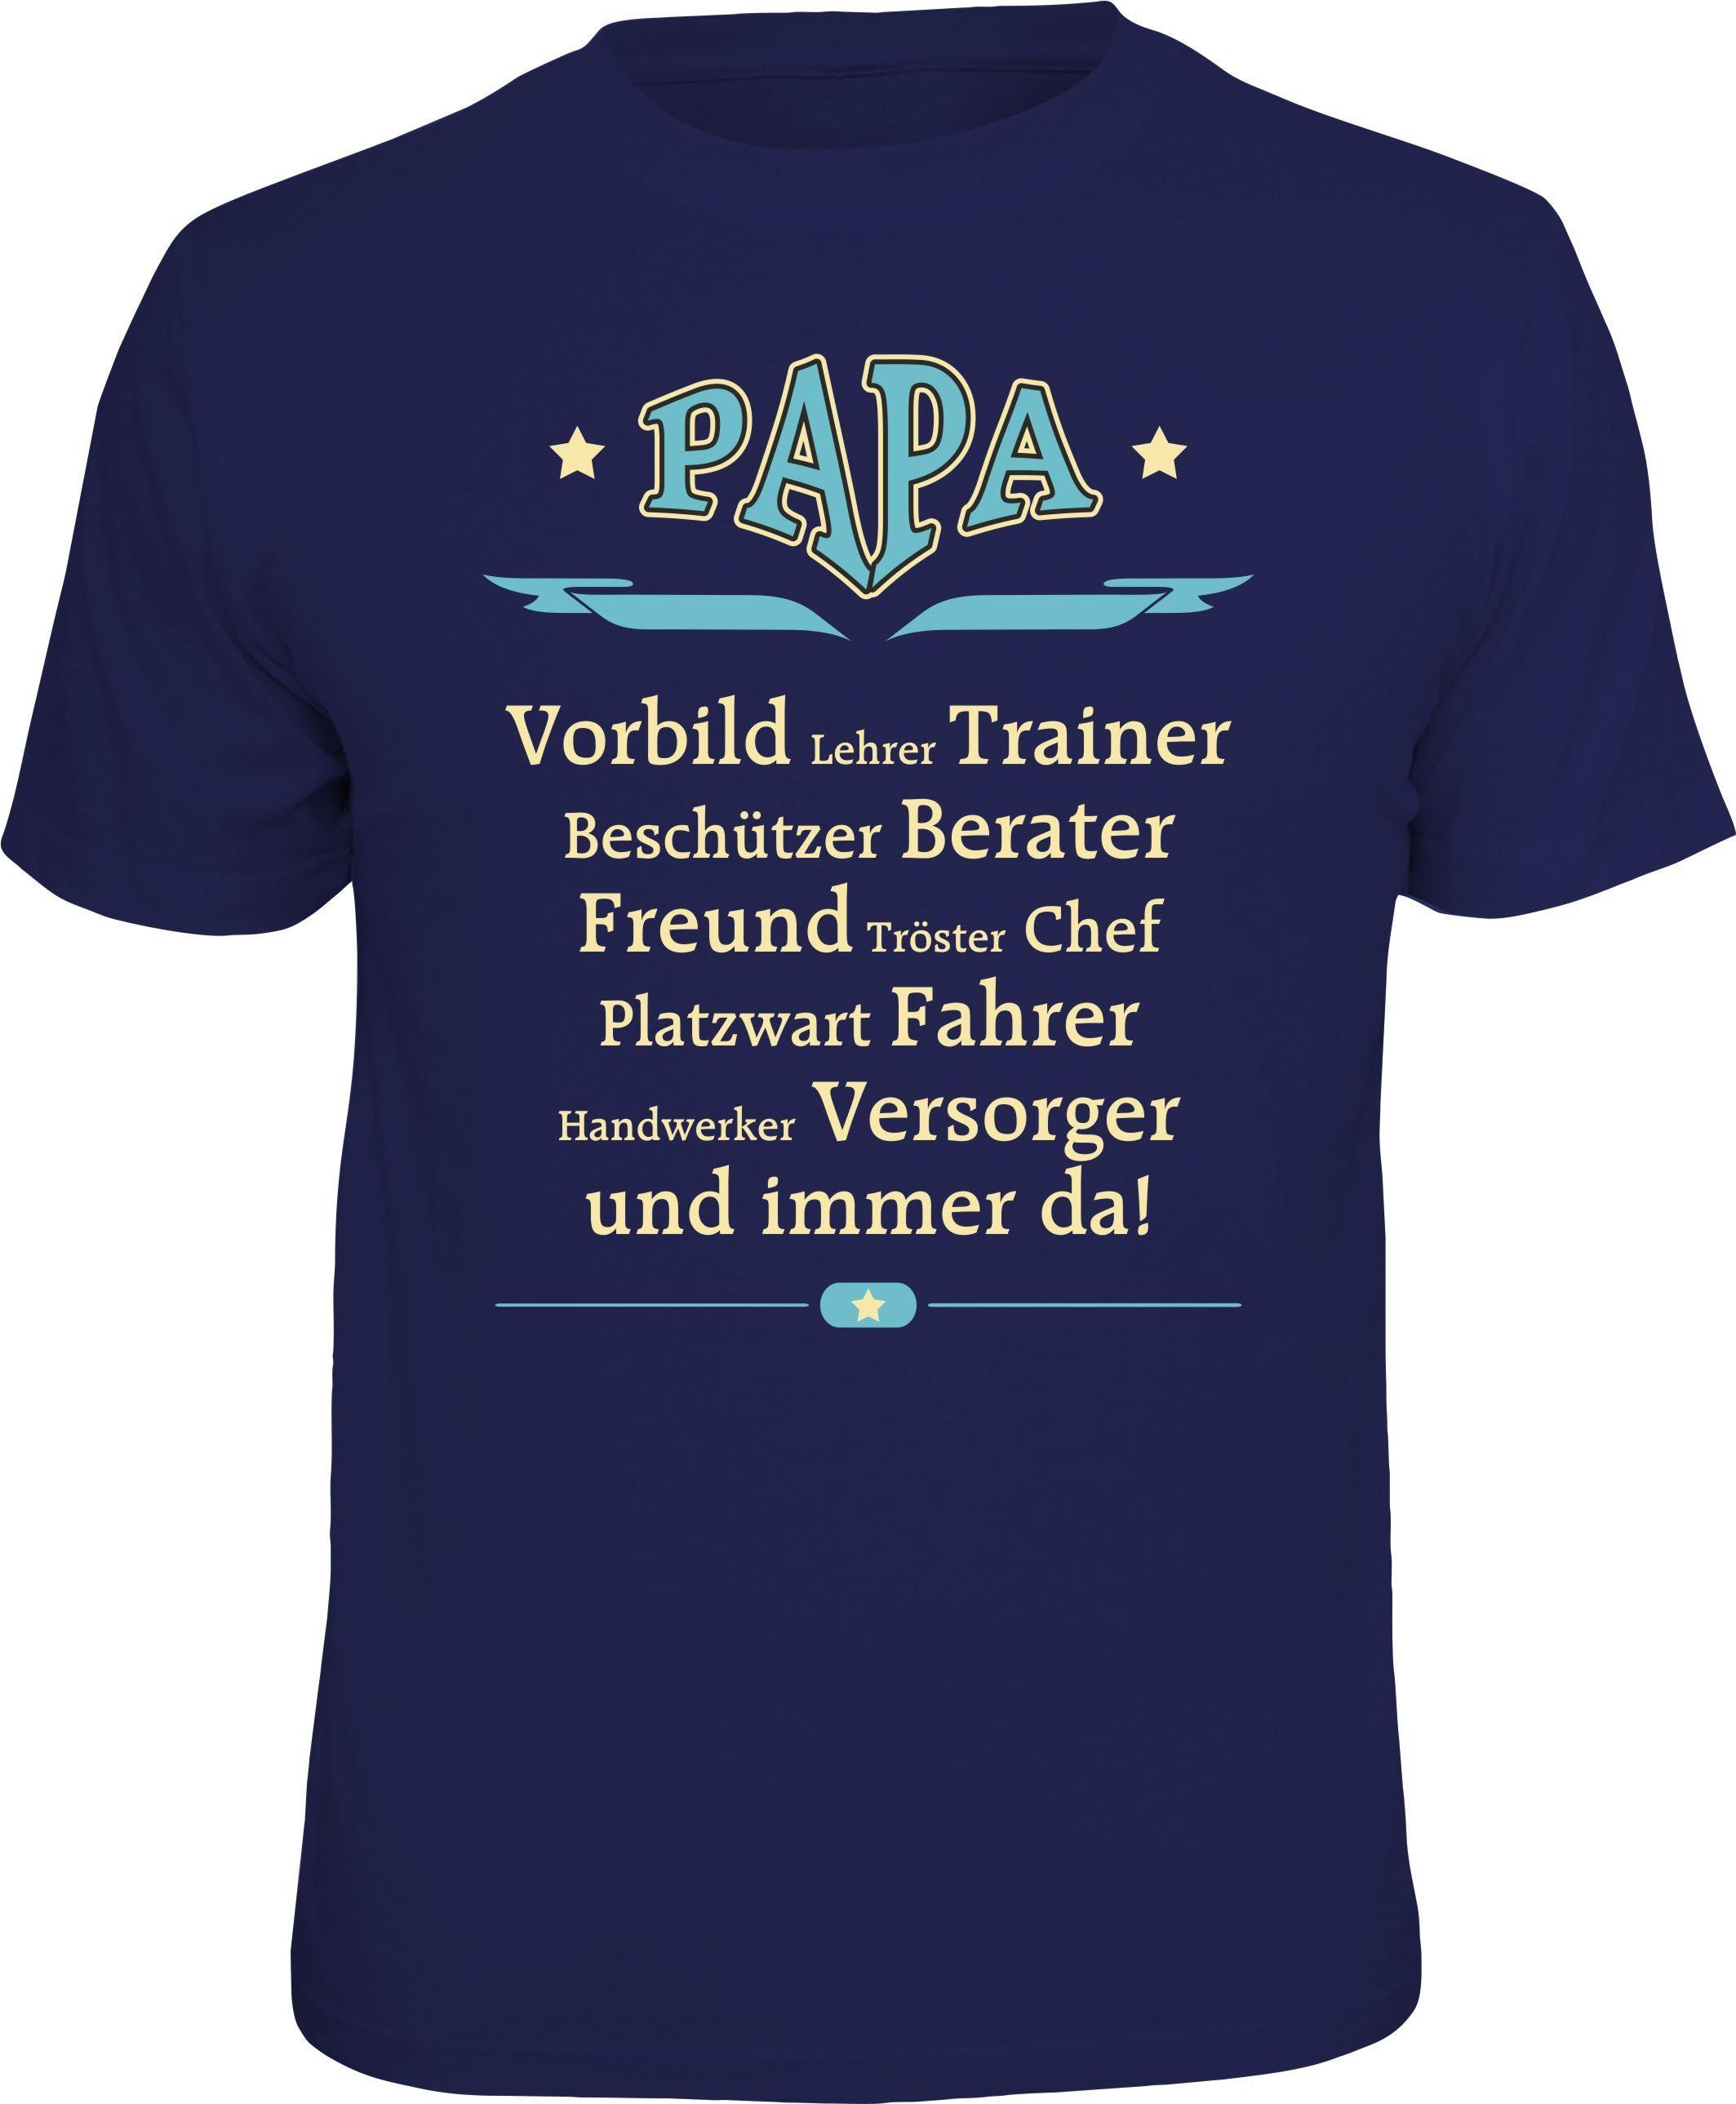 Rahmenlos T-Shirt »Papa Vorbild, Lehrer, Traine...